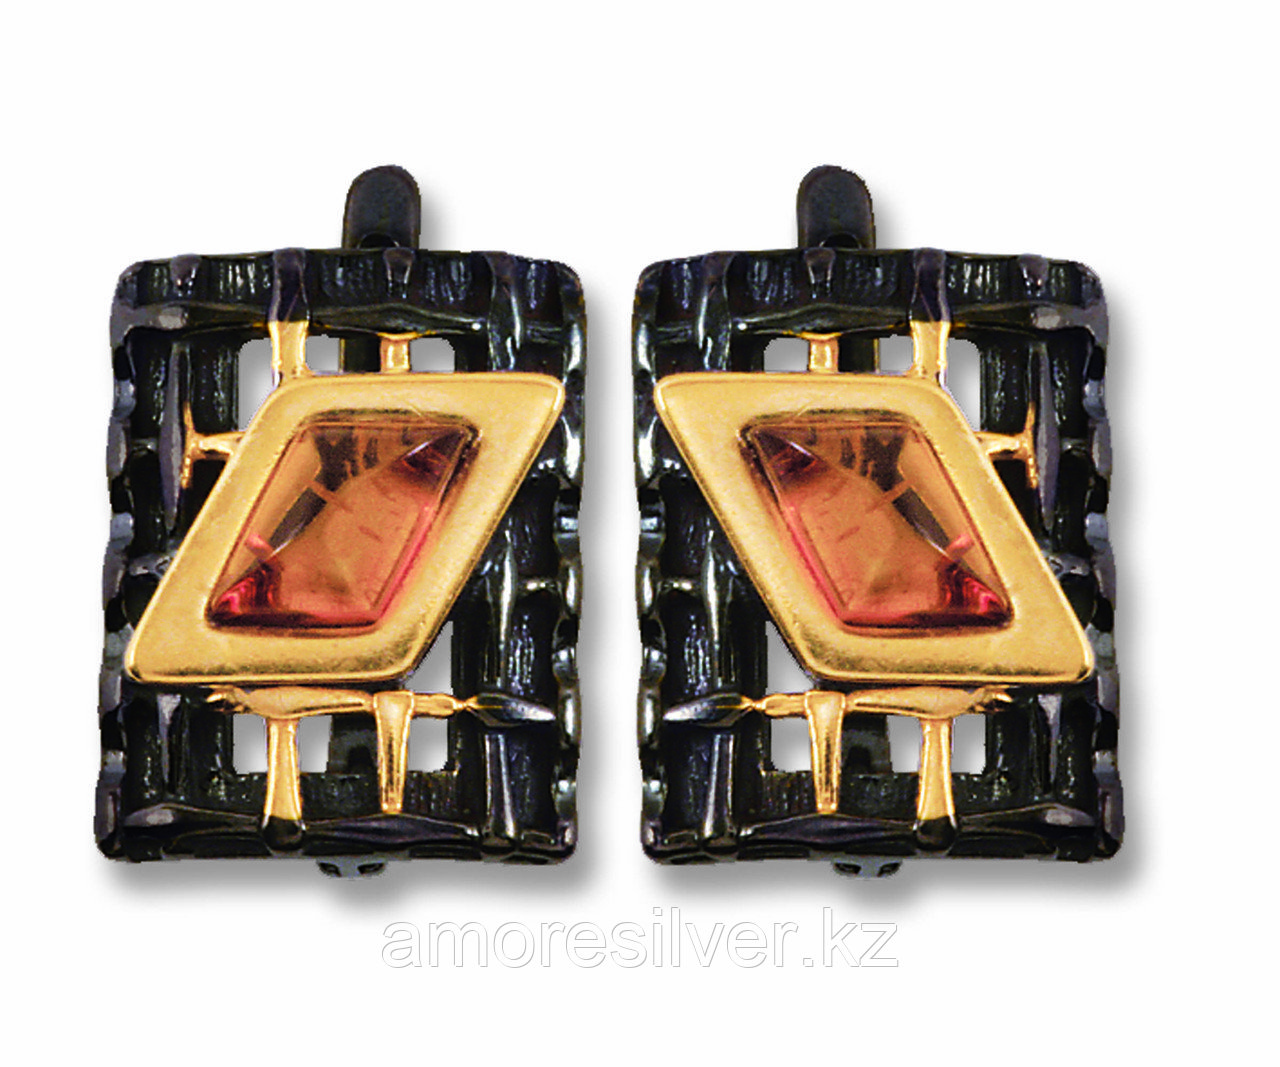 Серебряные серьги с янтарем бренд БАЛТИЙСКОЕ ЗОЛОТО необычная фактура черный родий , натуральный камень, есть комплект  72131038